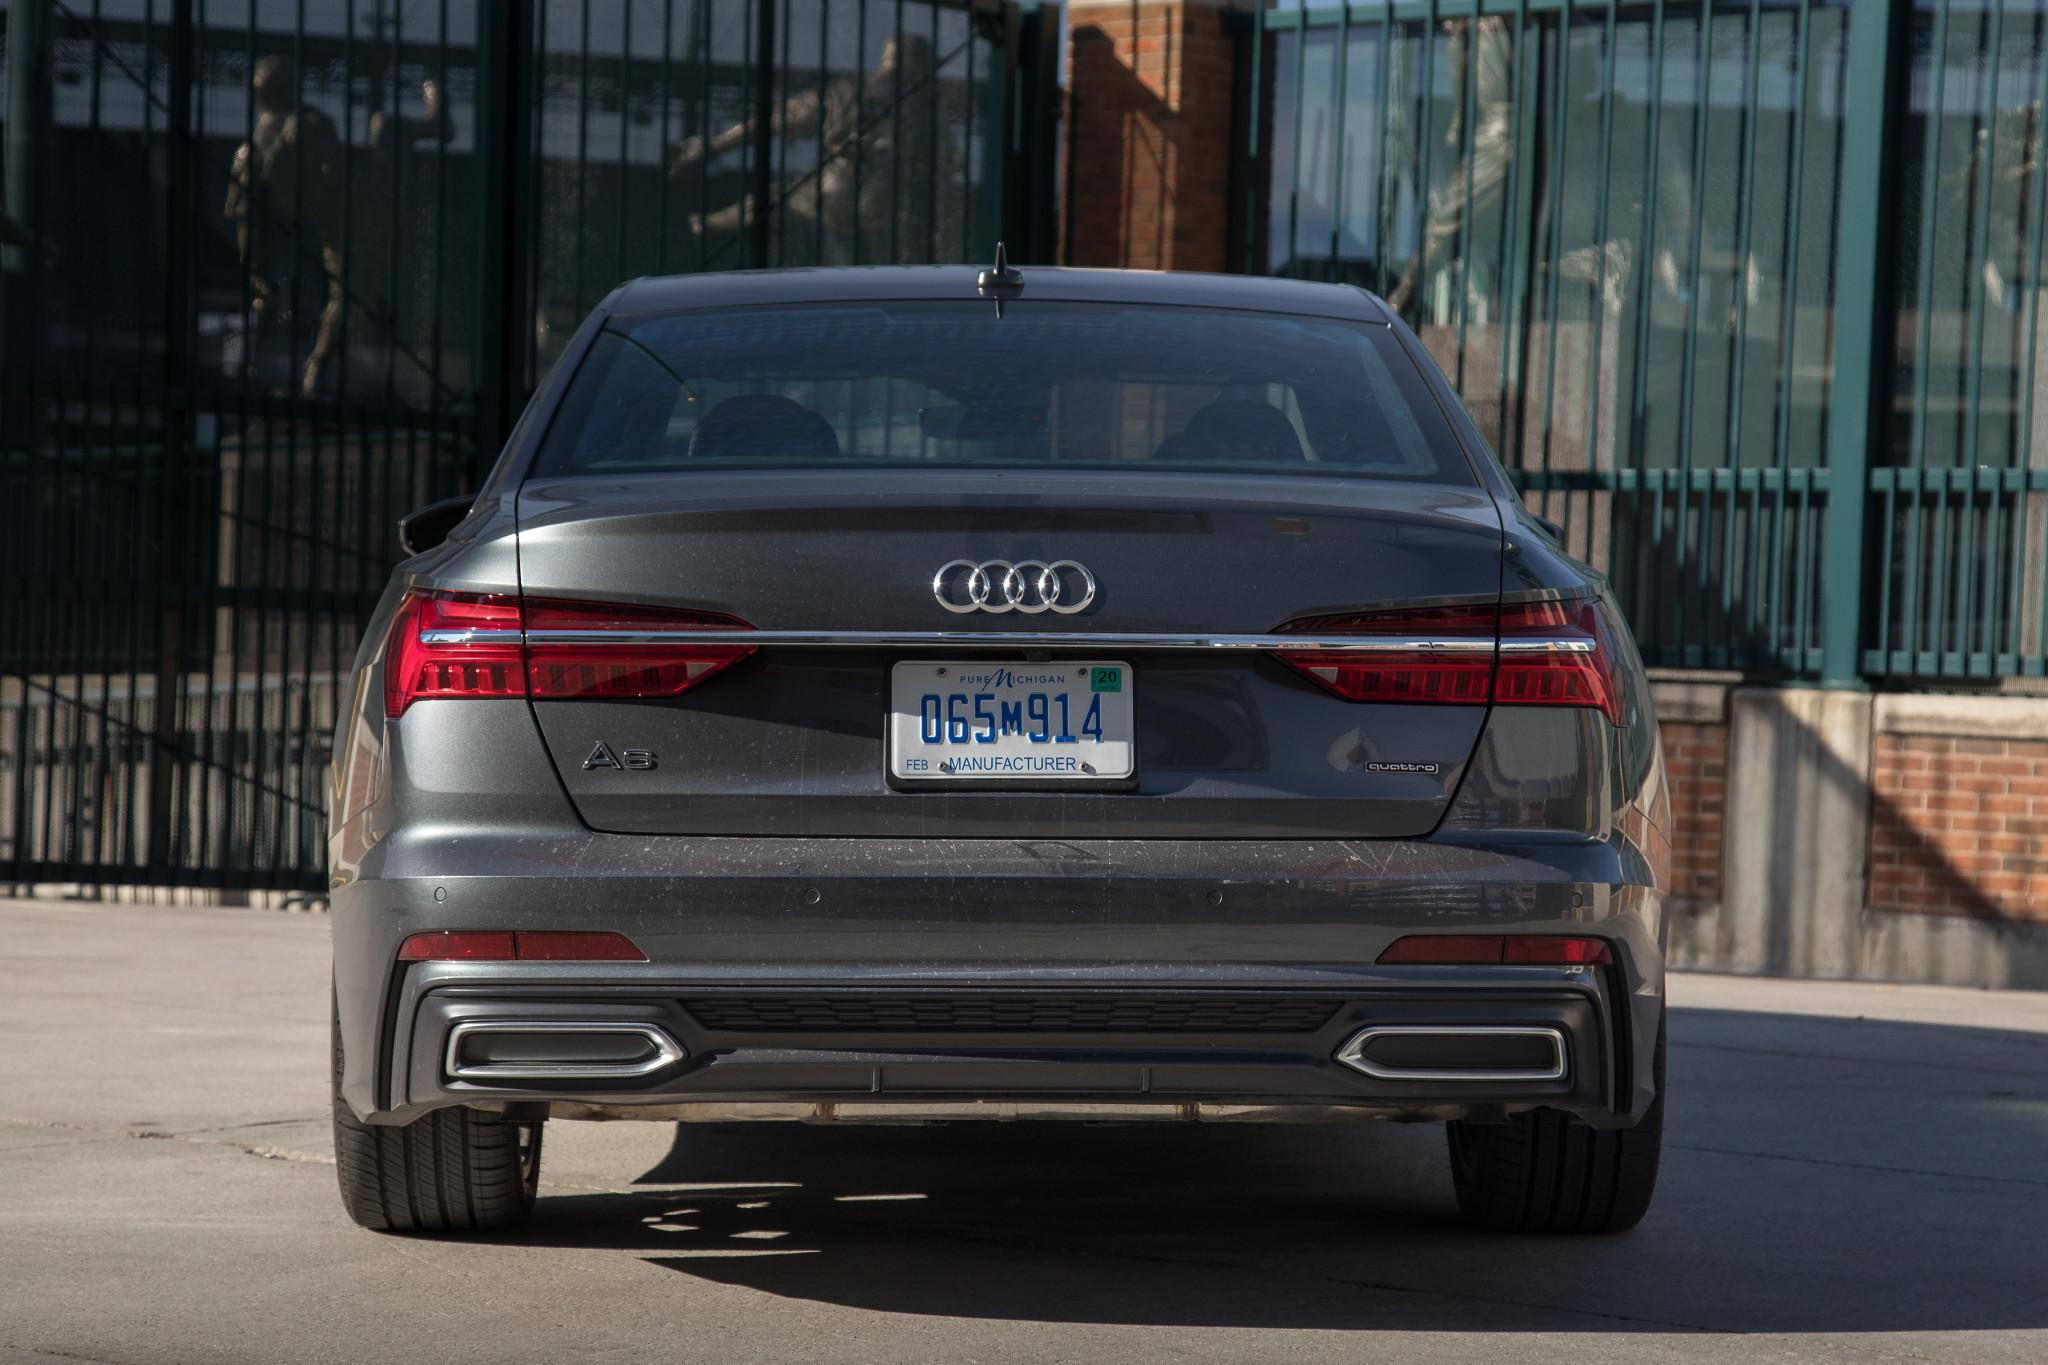 05-audi-a6-2019-exterior--grey--rear.jpg